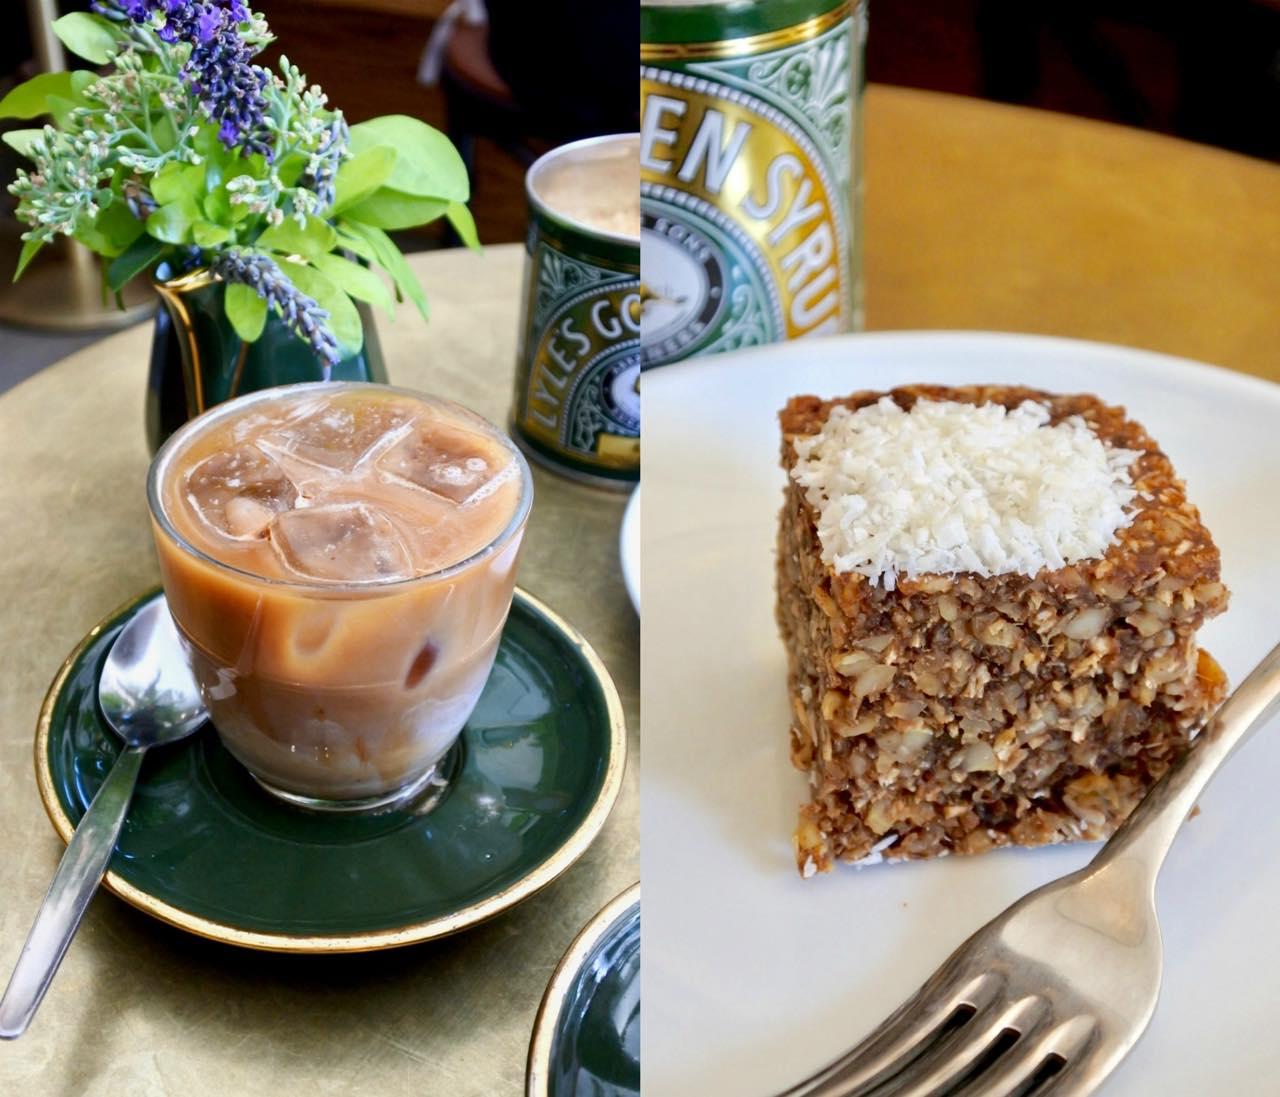 デーツとカシューナッツのケーキ。コーヒーはスクエアマイル☆